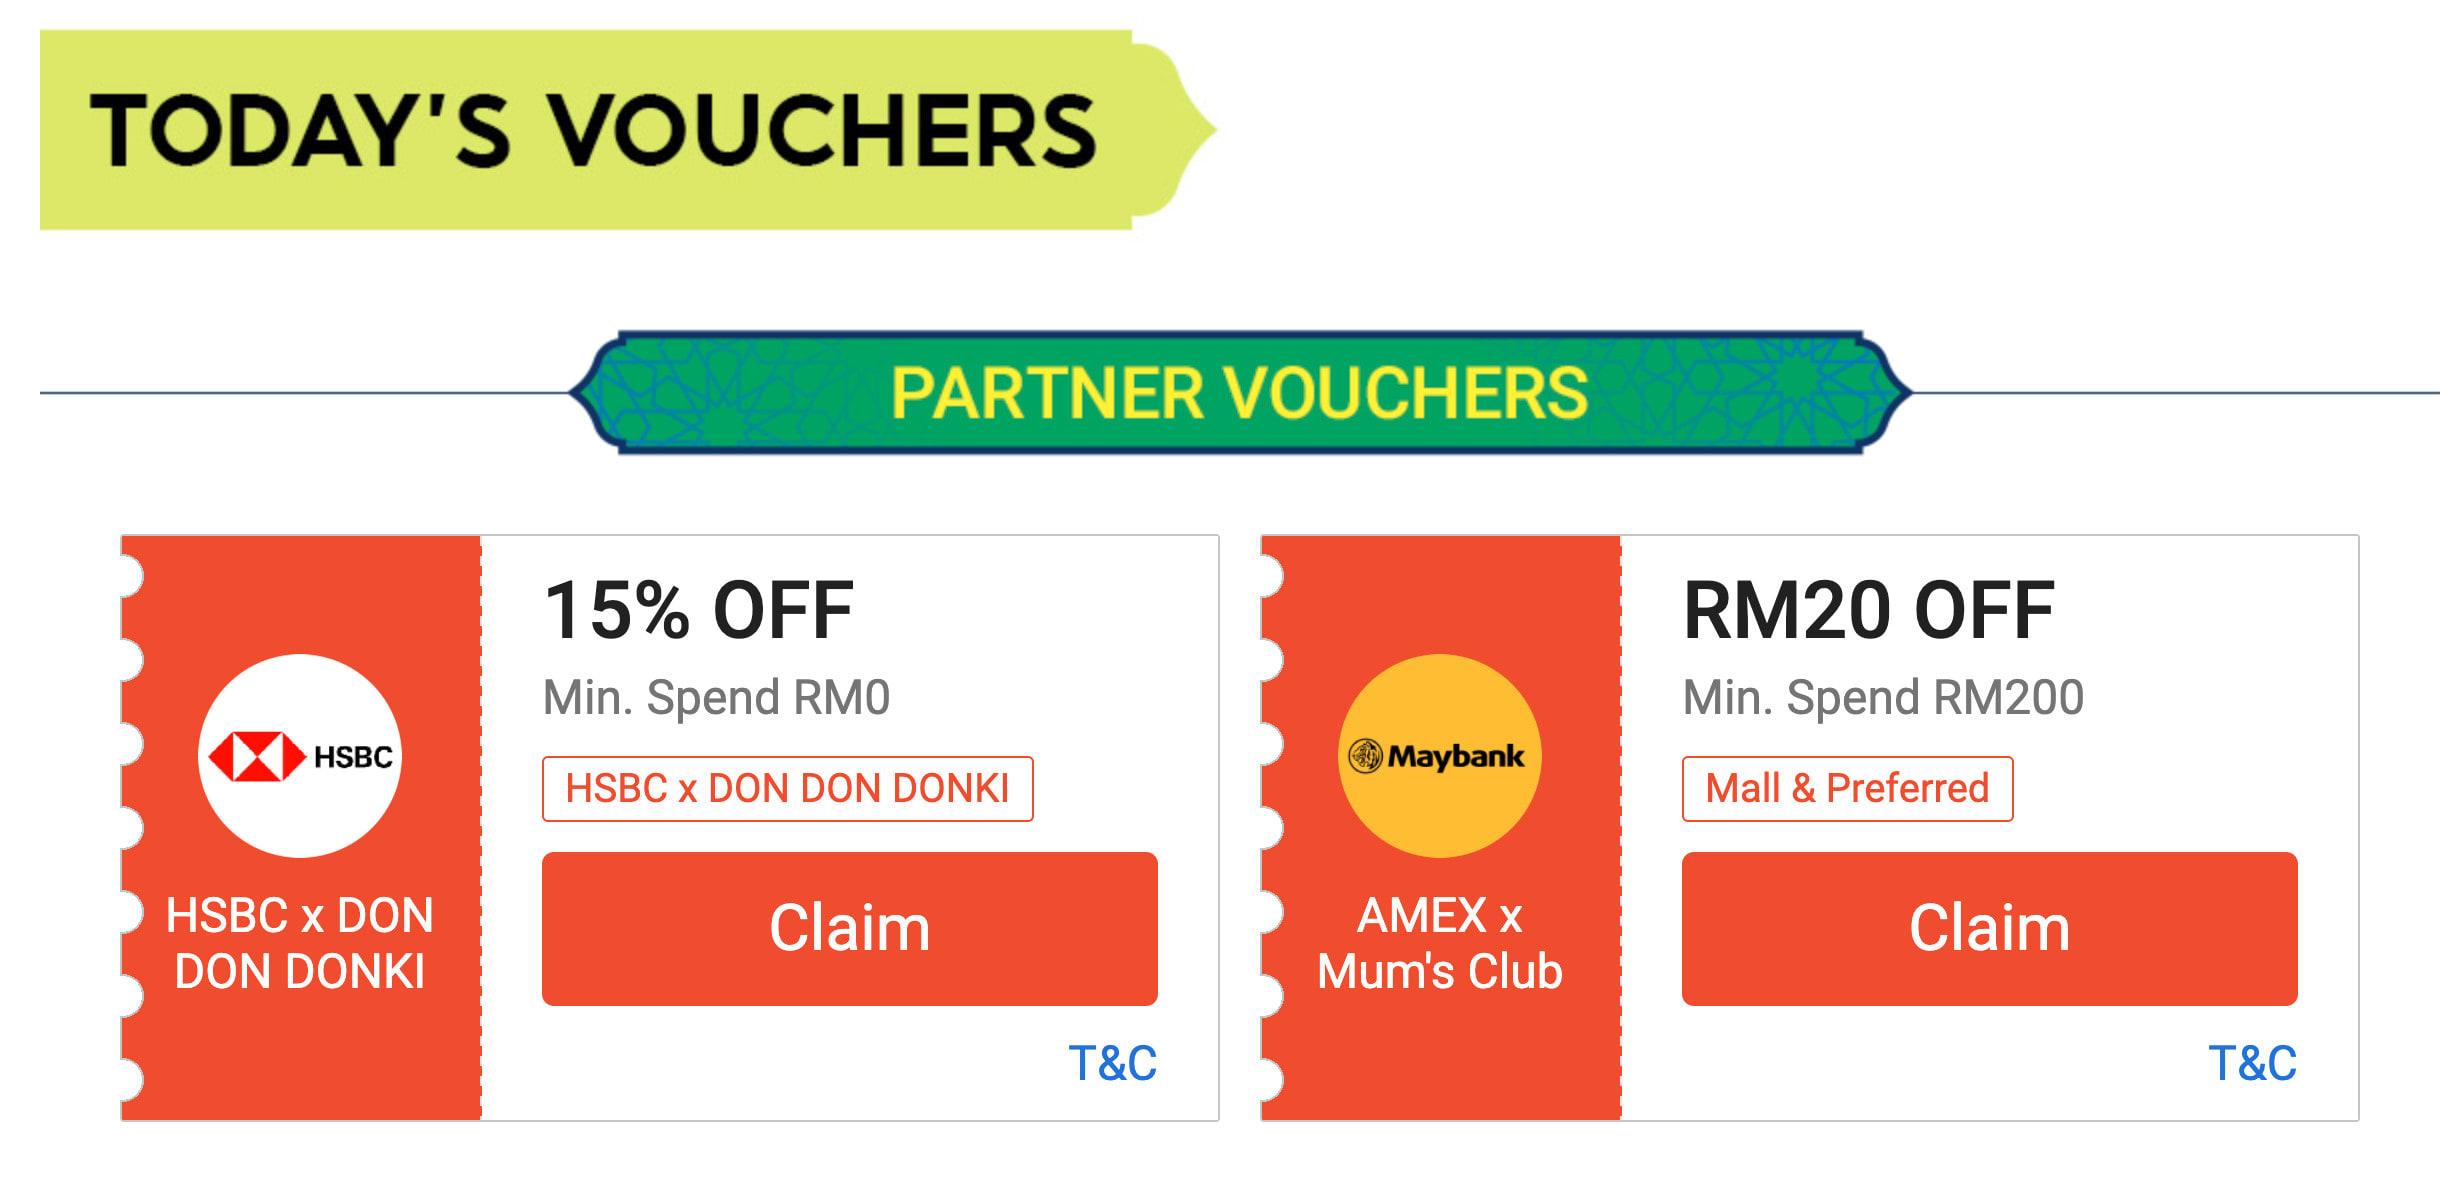 shopee raya sale malaysia daily vouchers